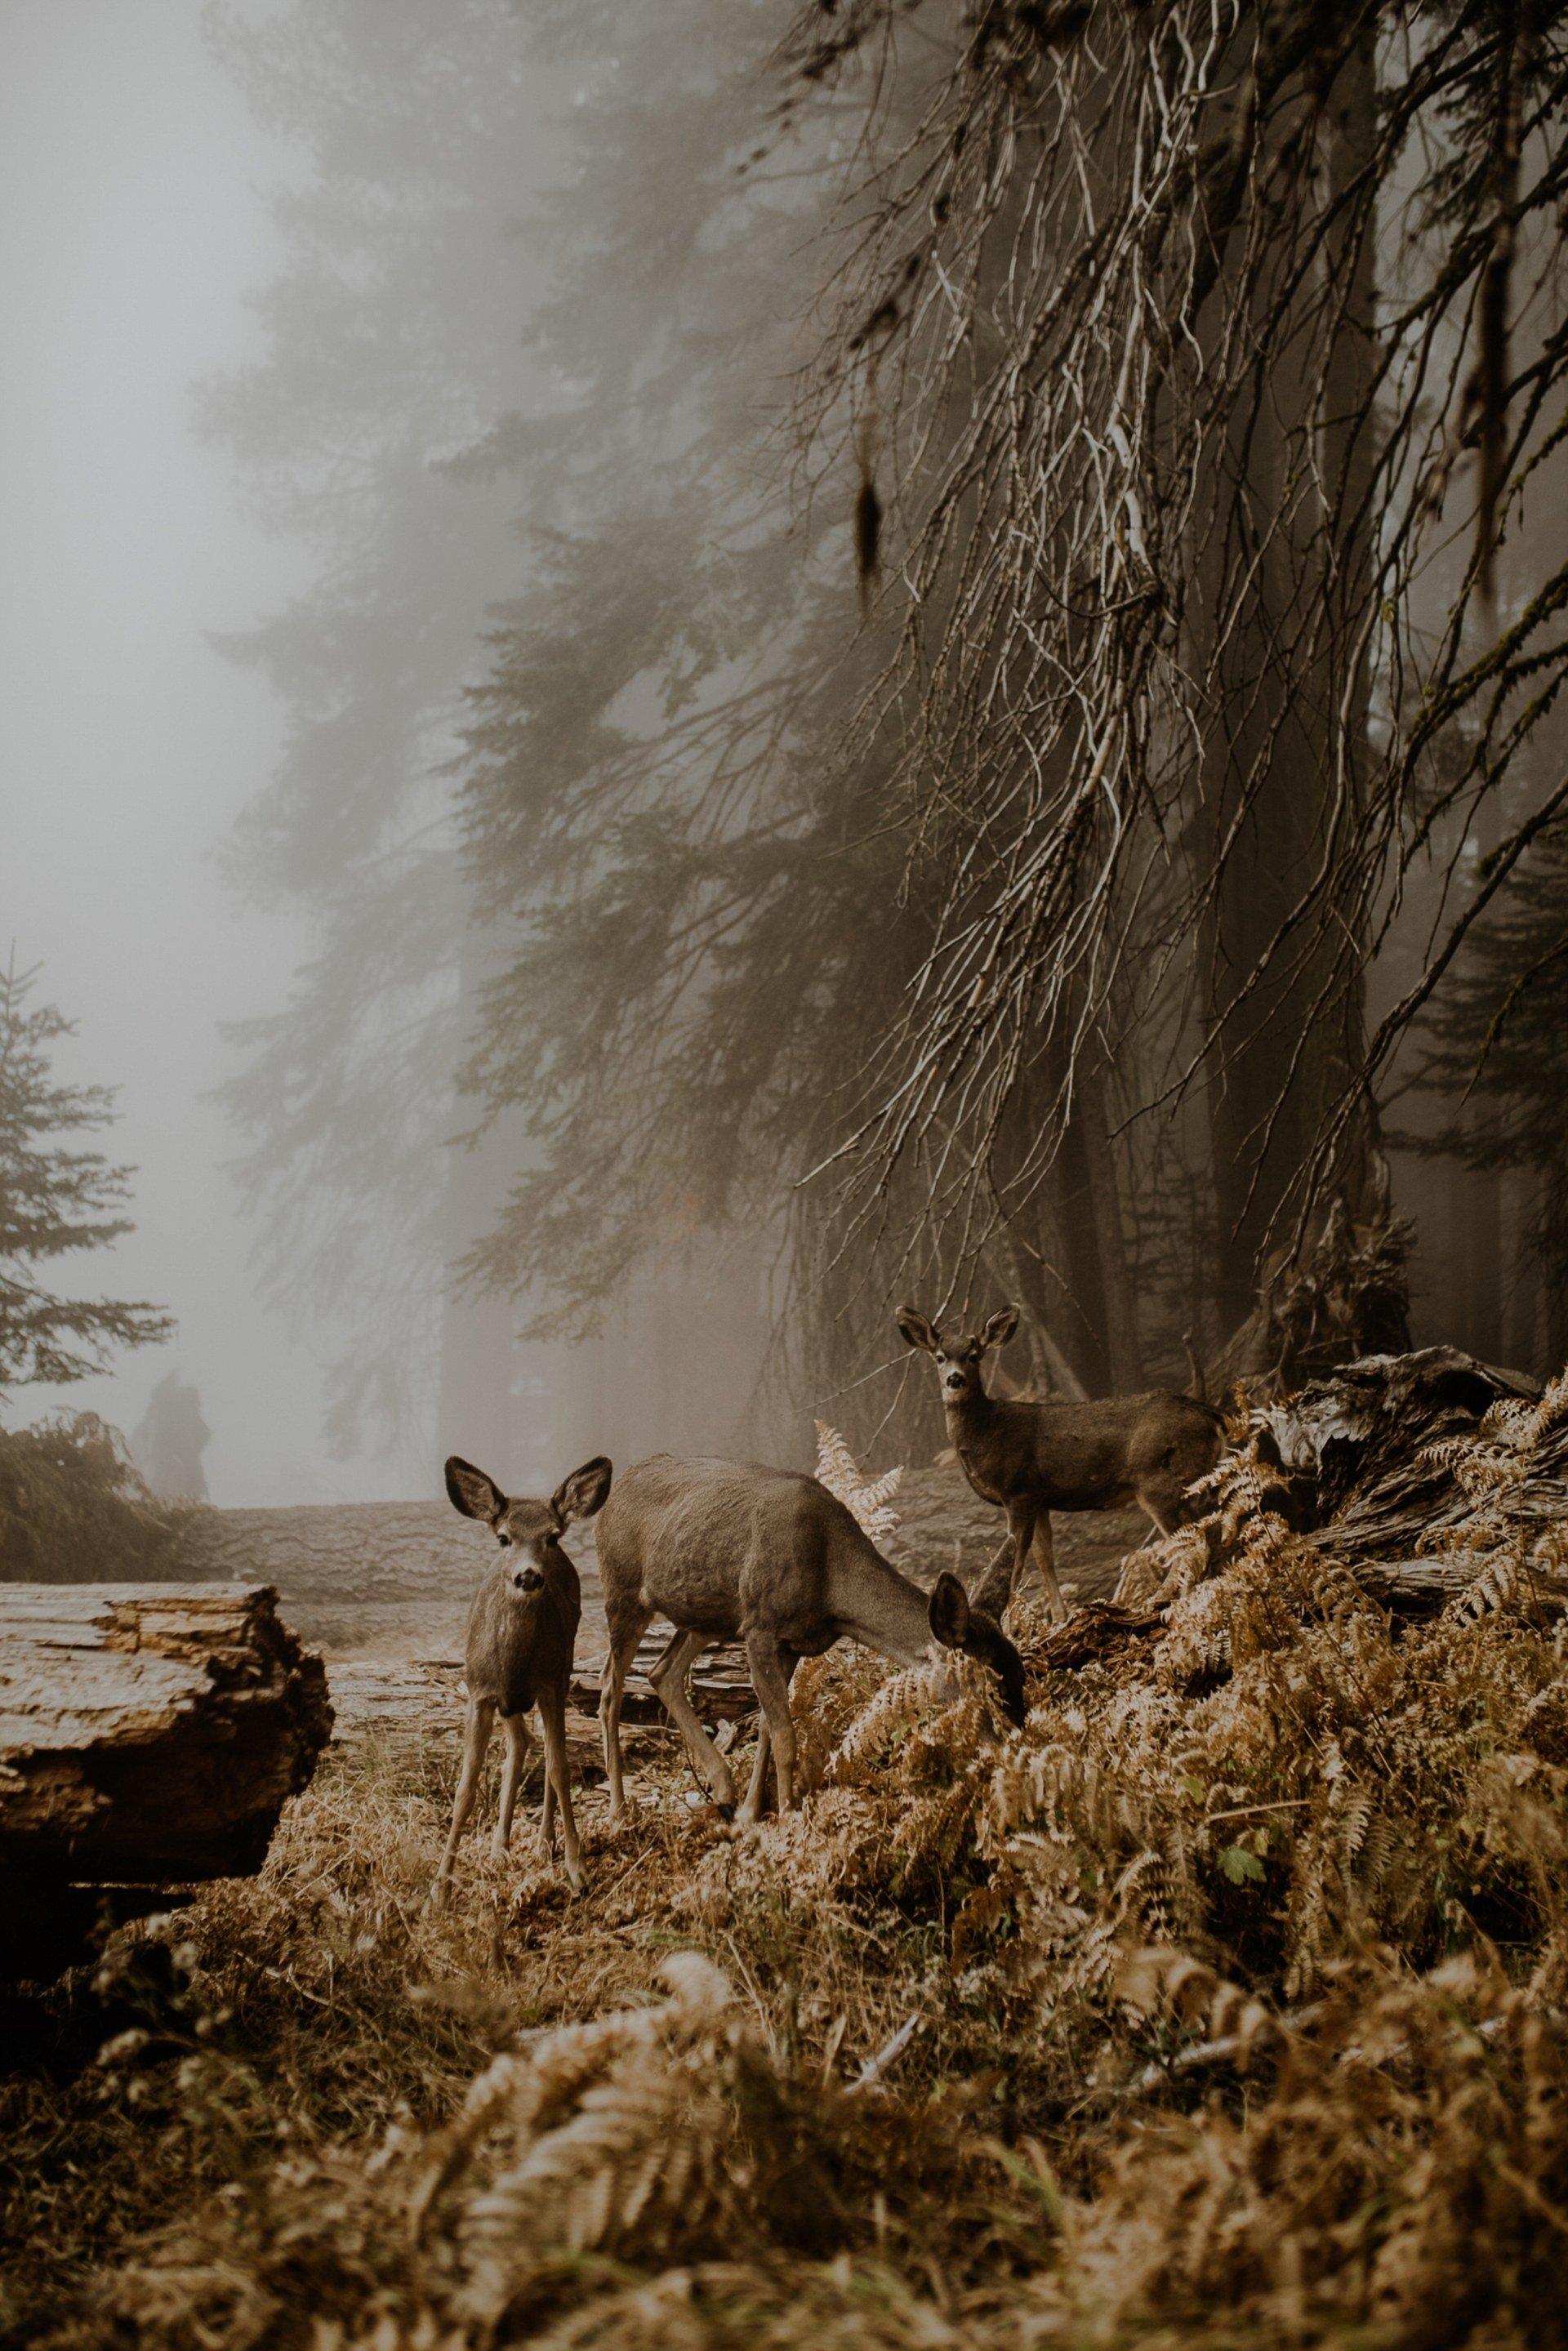 """В национальном парке """"Секвойя"""", США. Фотограф - Джастина Жданчик Sony World Photography, Sony World Photography Awards 2018, лауреаты, лучшие фото, лучшие фотографии, победители, победители конкурса, фотоконкурс"""